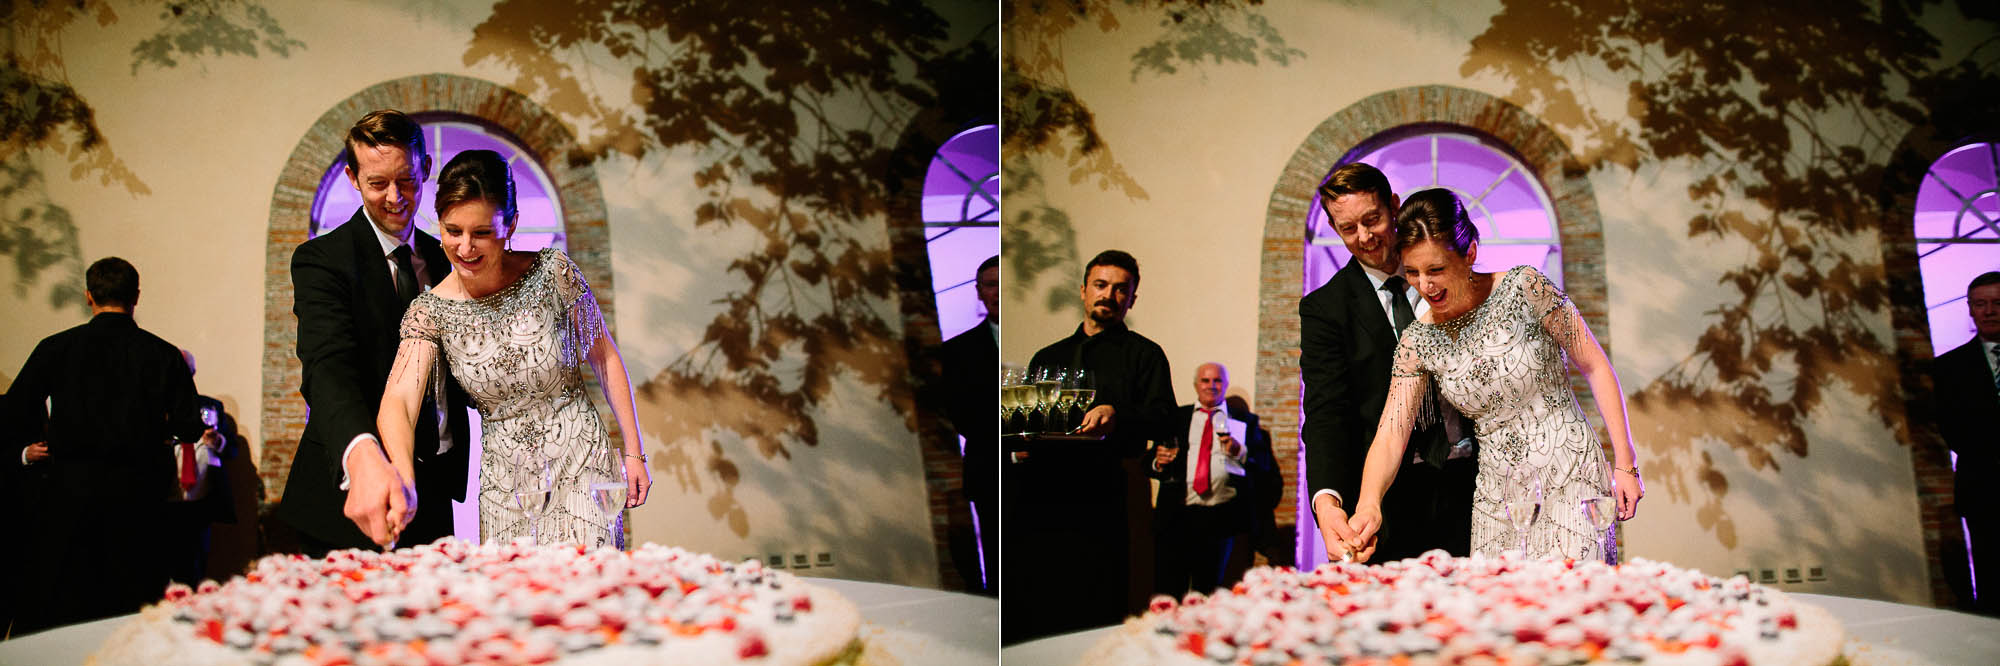 Firenze wedding photographer-82.jpg